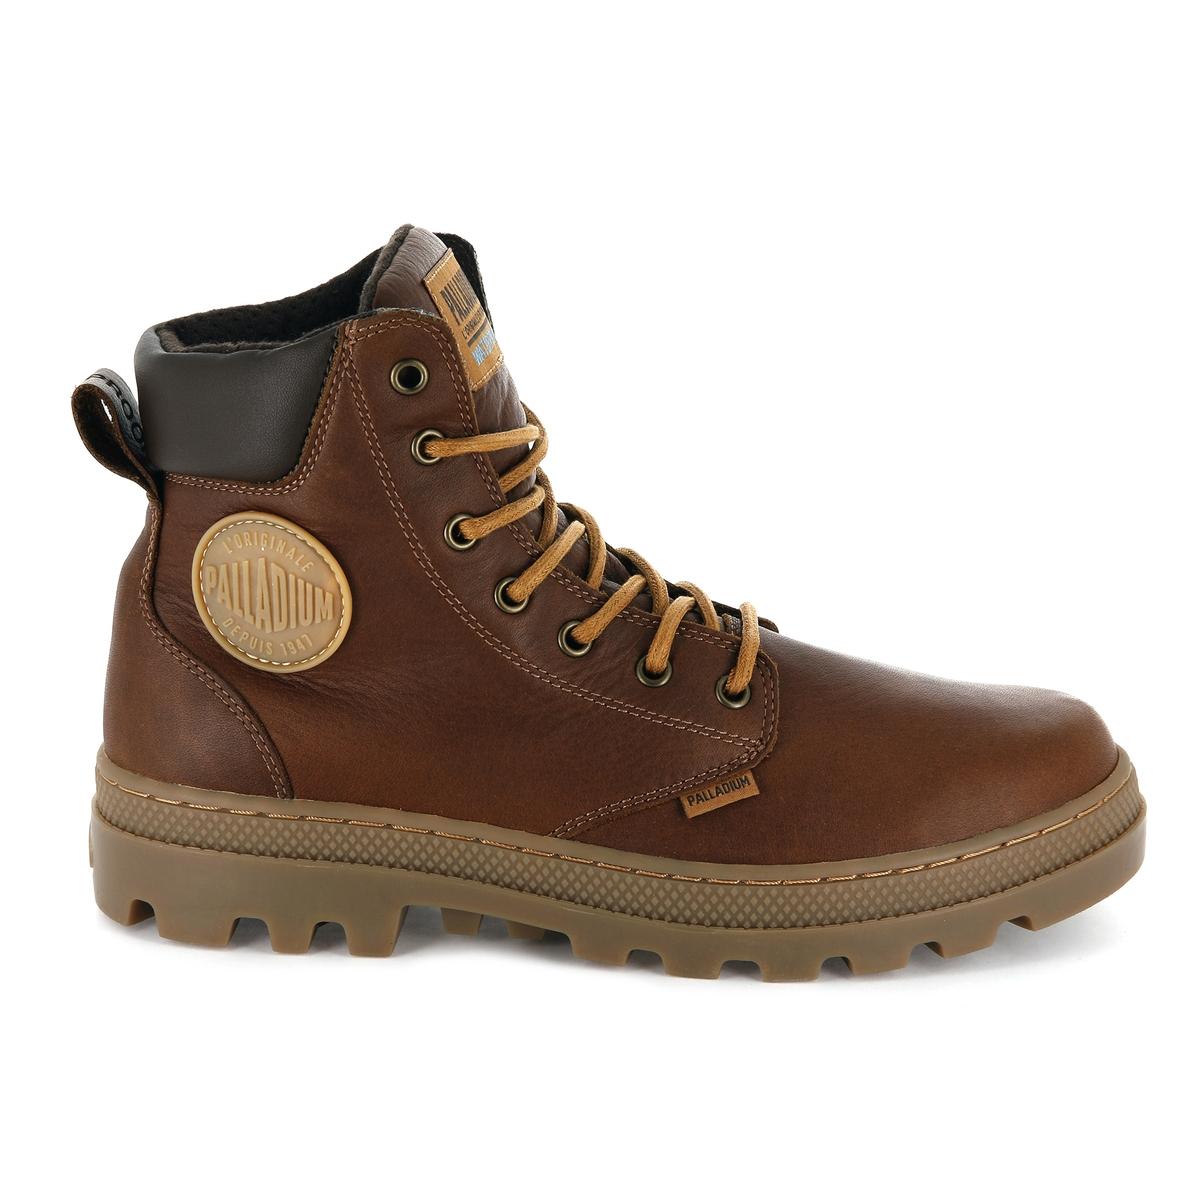 Ботинки кожаные Plboss Sc Wo Palladium